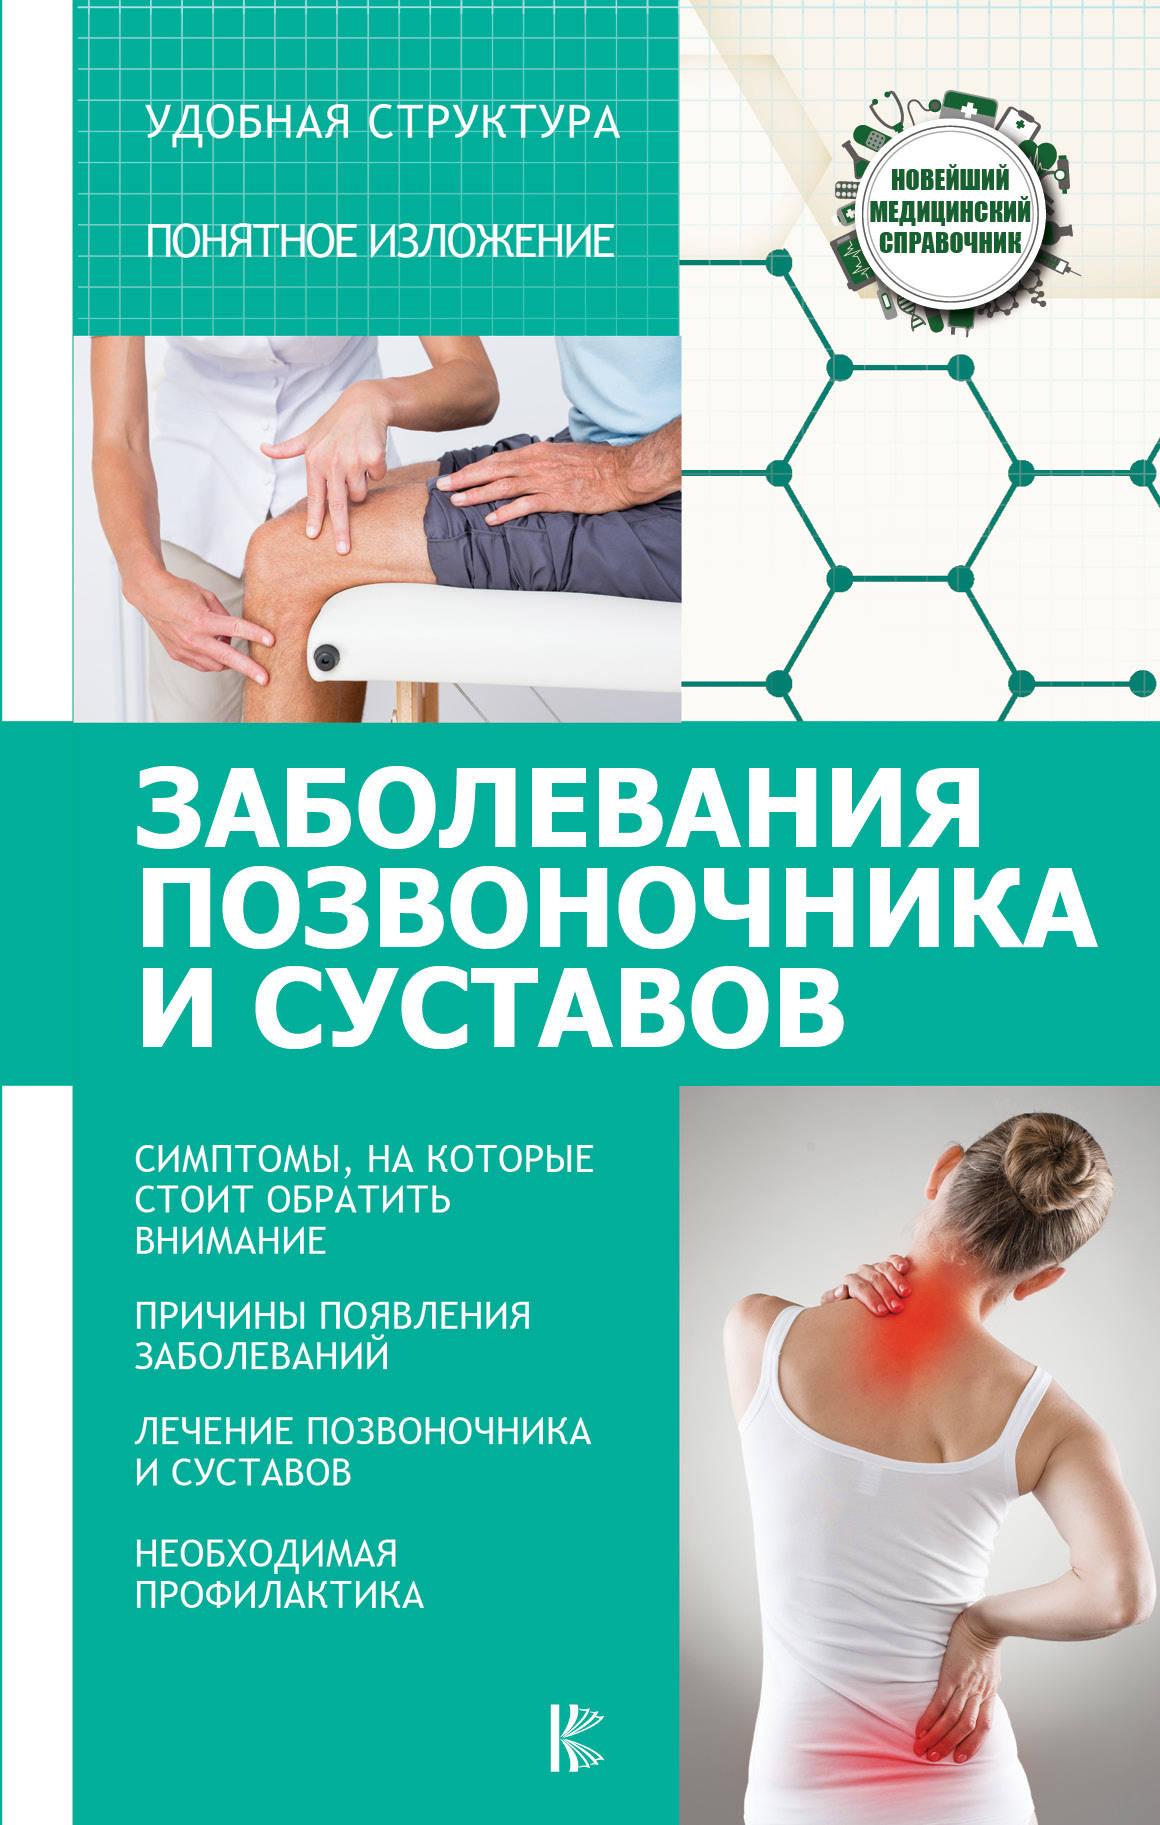 Савельев Н.Н. Заболевания позвоночника и суставов кузнецов и лечение позвоночника и суставов